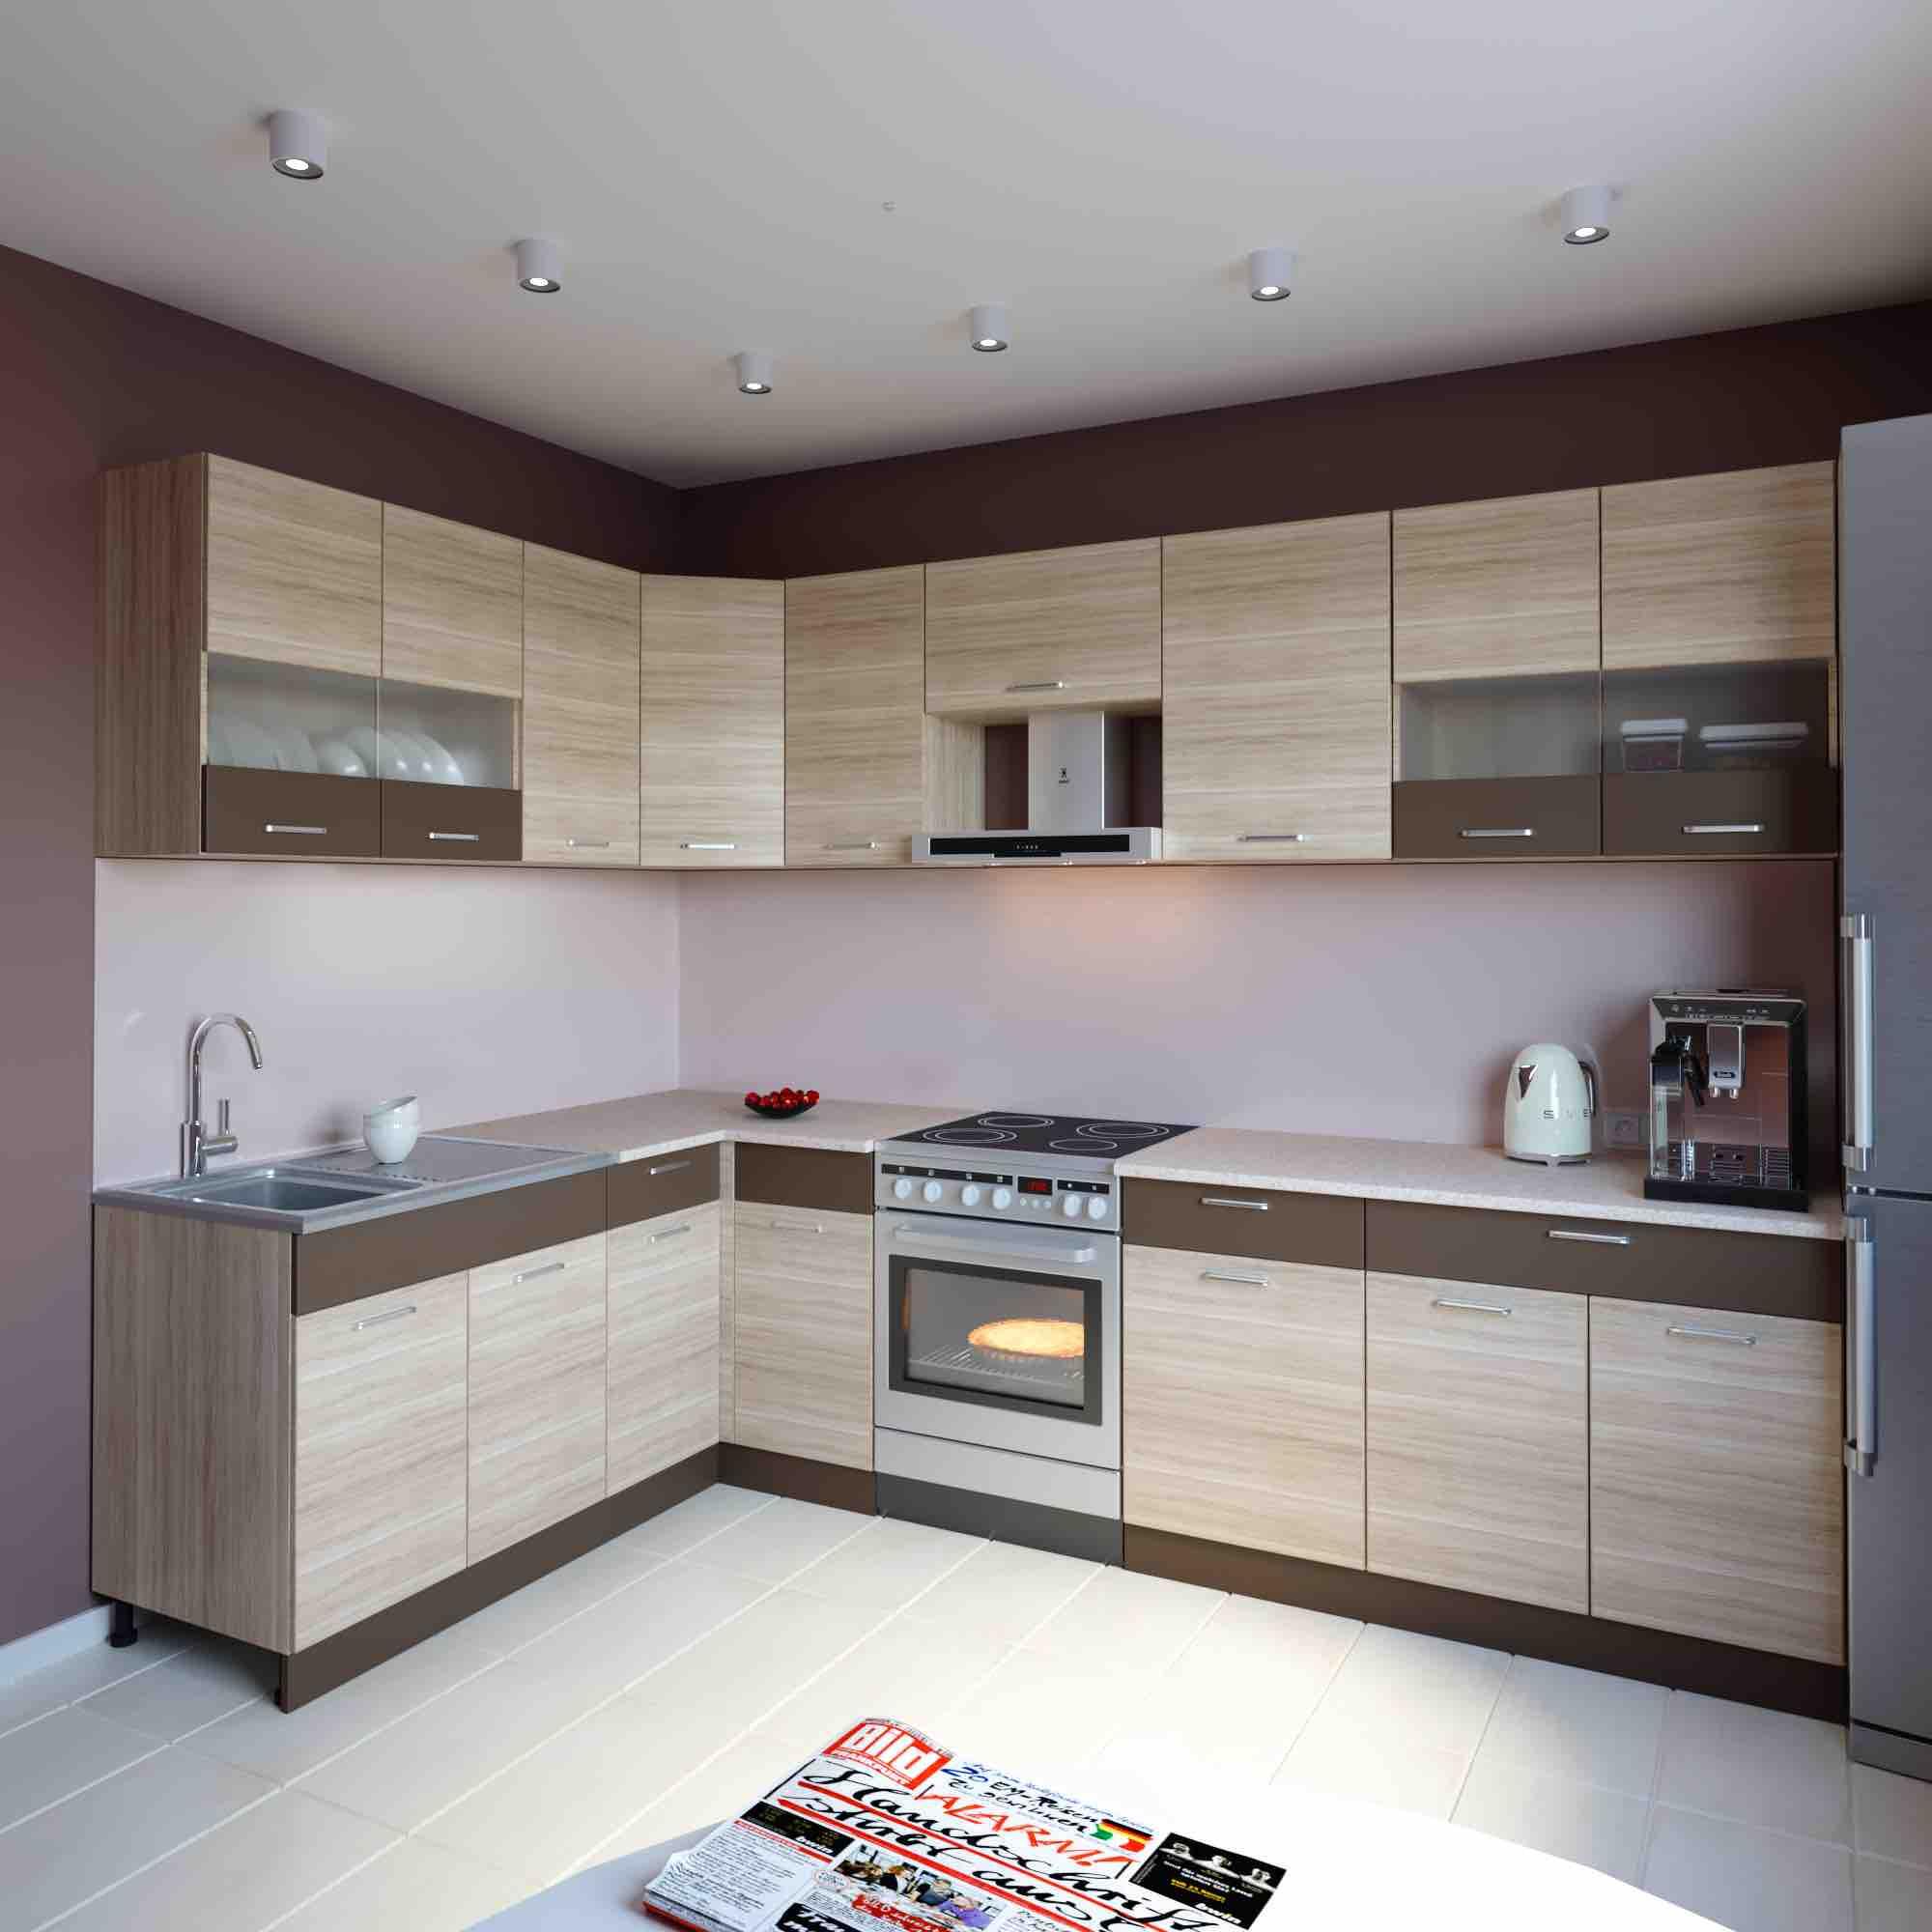 k che l form alina 180 290 cm m bel dena. Black Bedroom Furniture Sets. Home Design Ideas